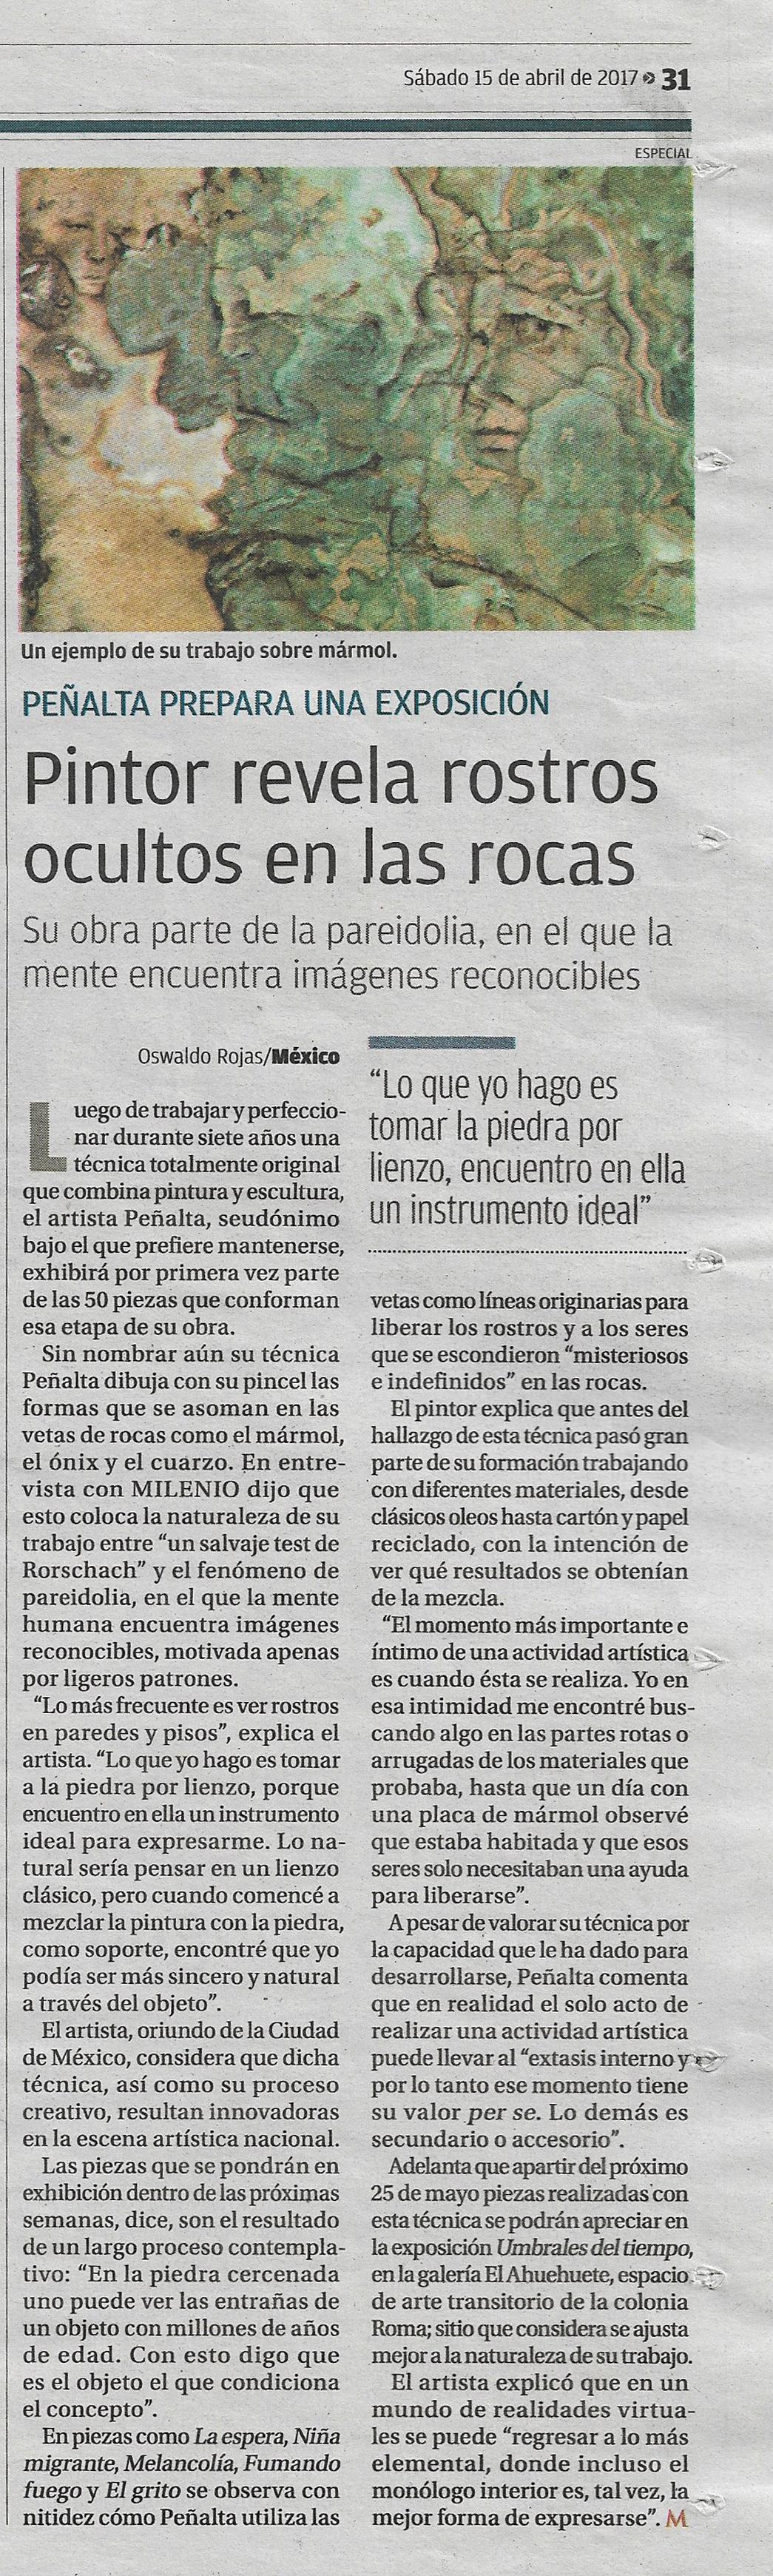 Milenio1 copy.jpg